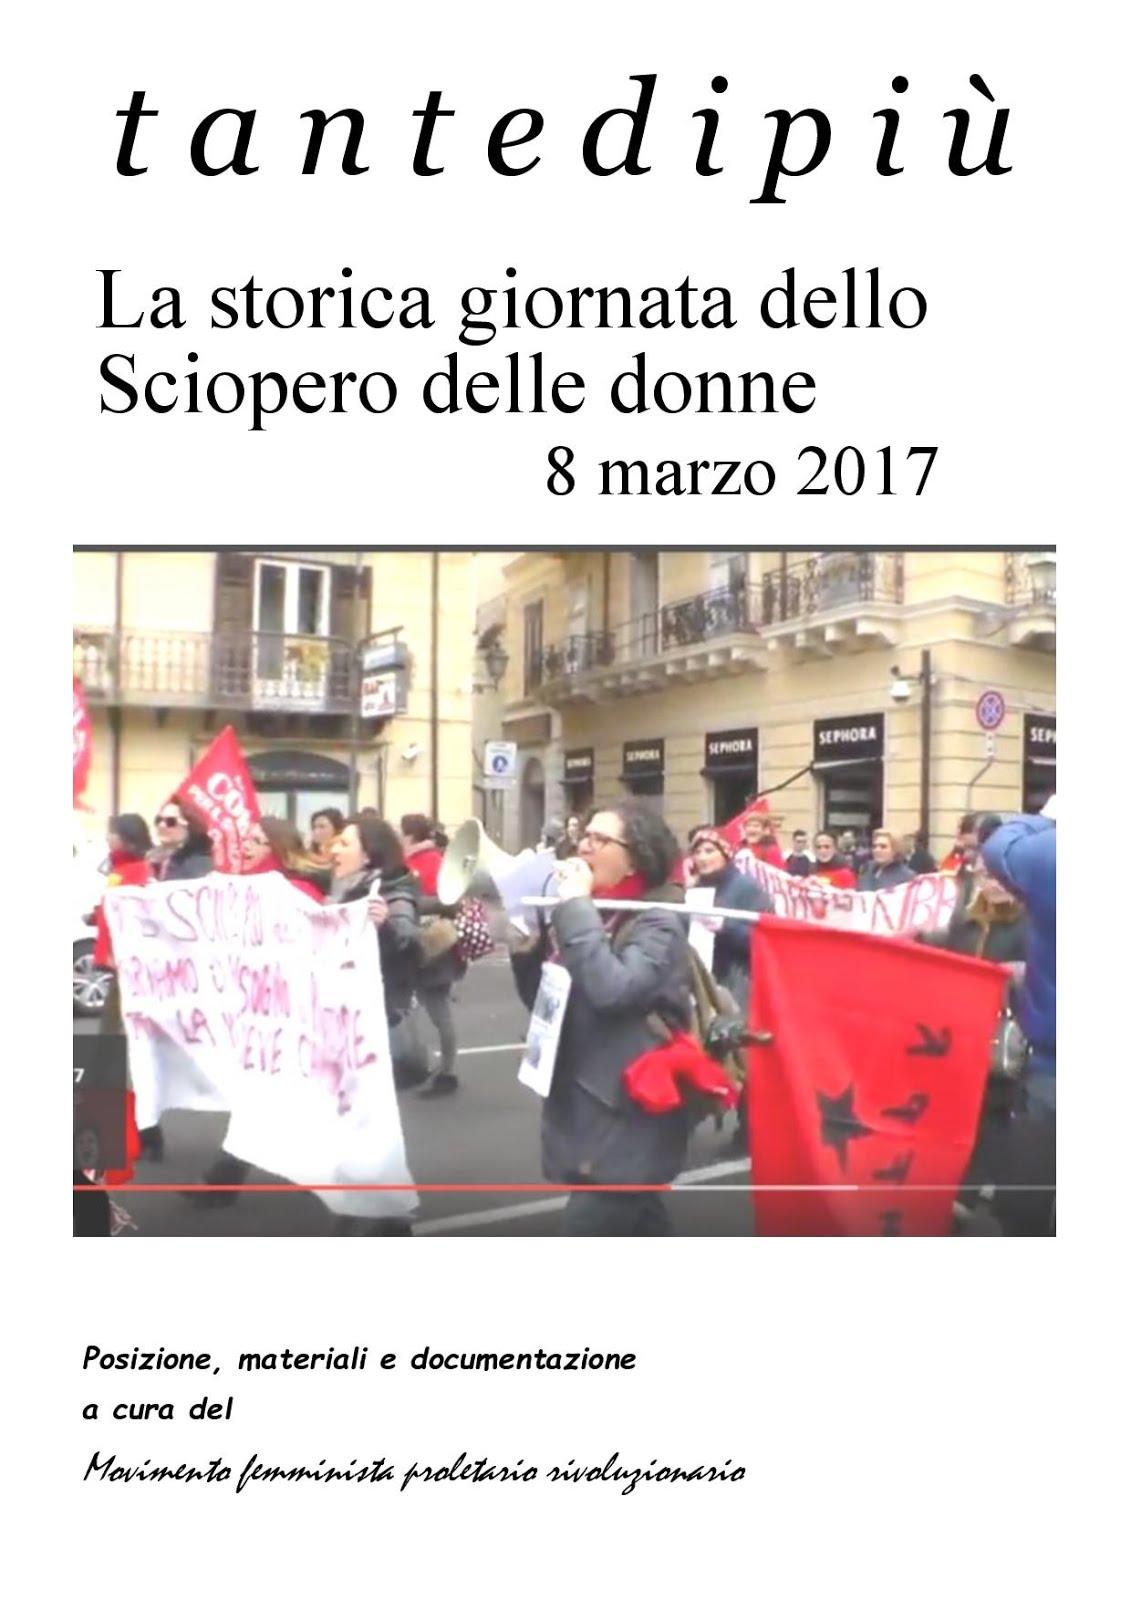 8 marzo 2017 - 3° sciopero delle donne in Italia - Richiedi il dossier a mfpr.naz@gmail.com